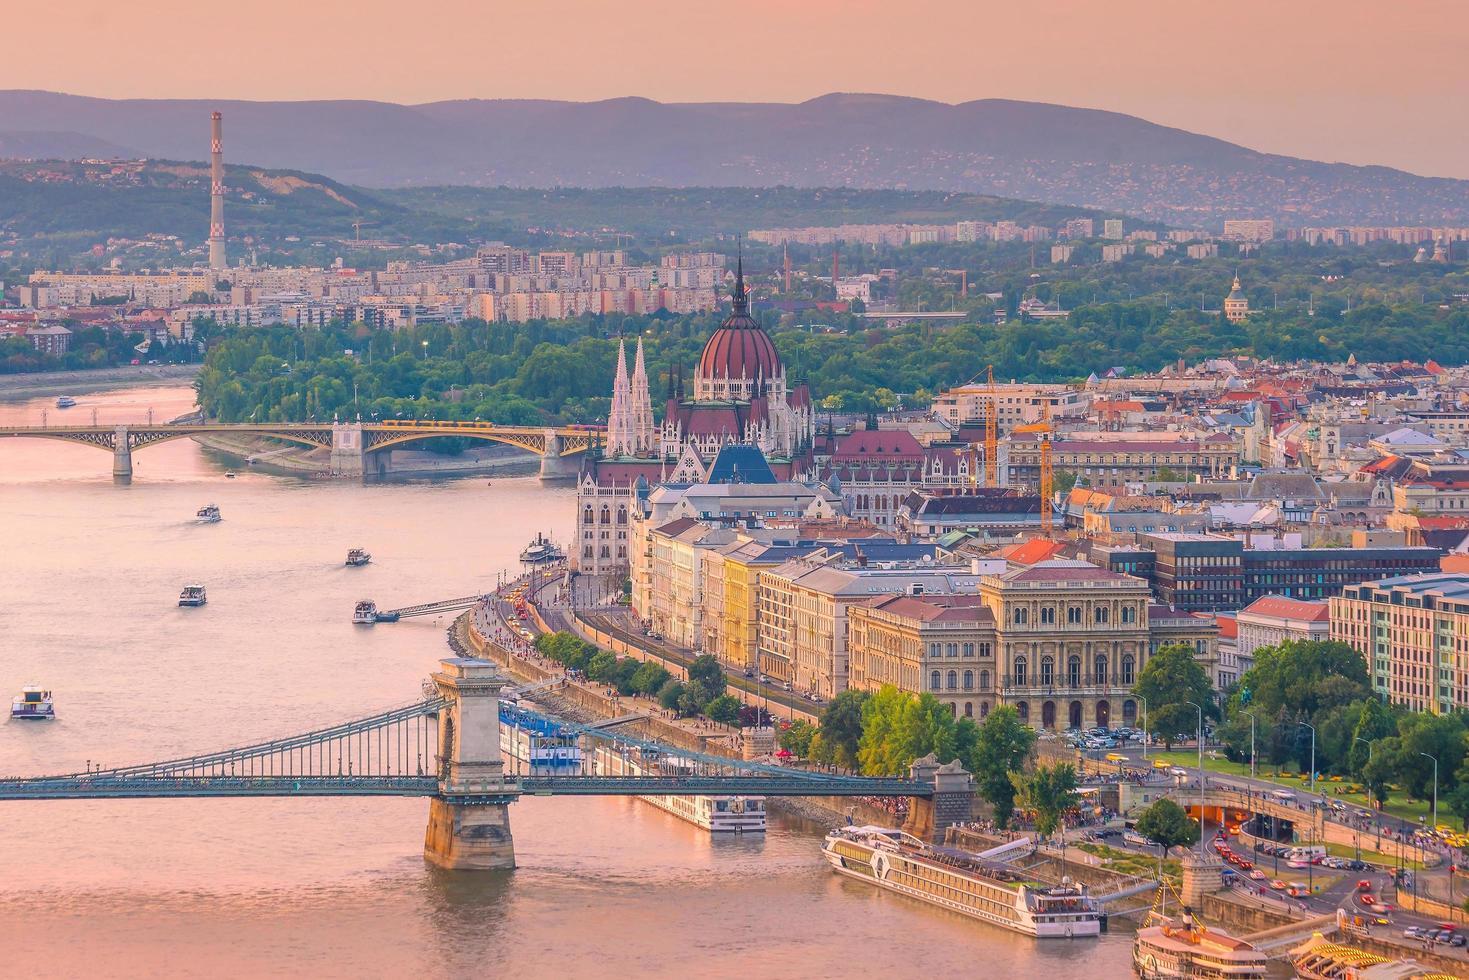 skyline del centro di budapest in ungheria foto